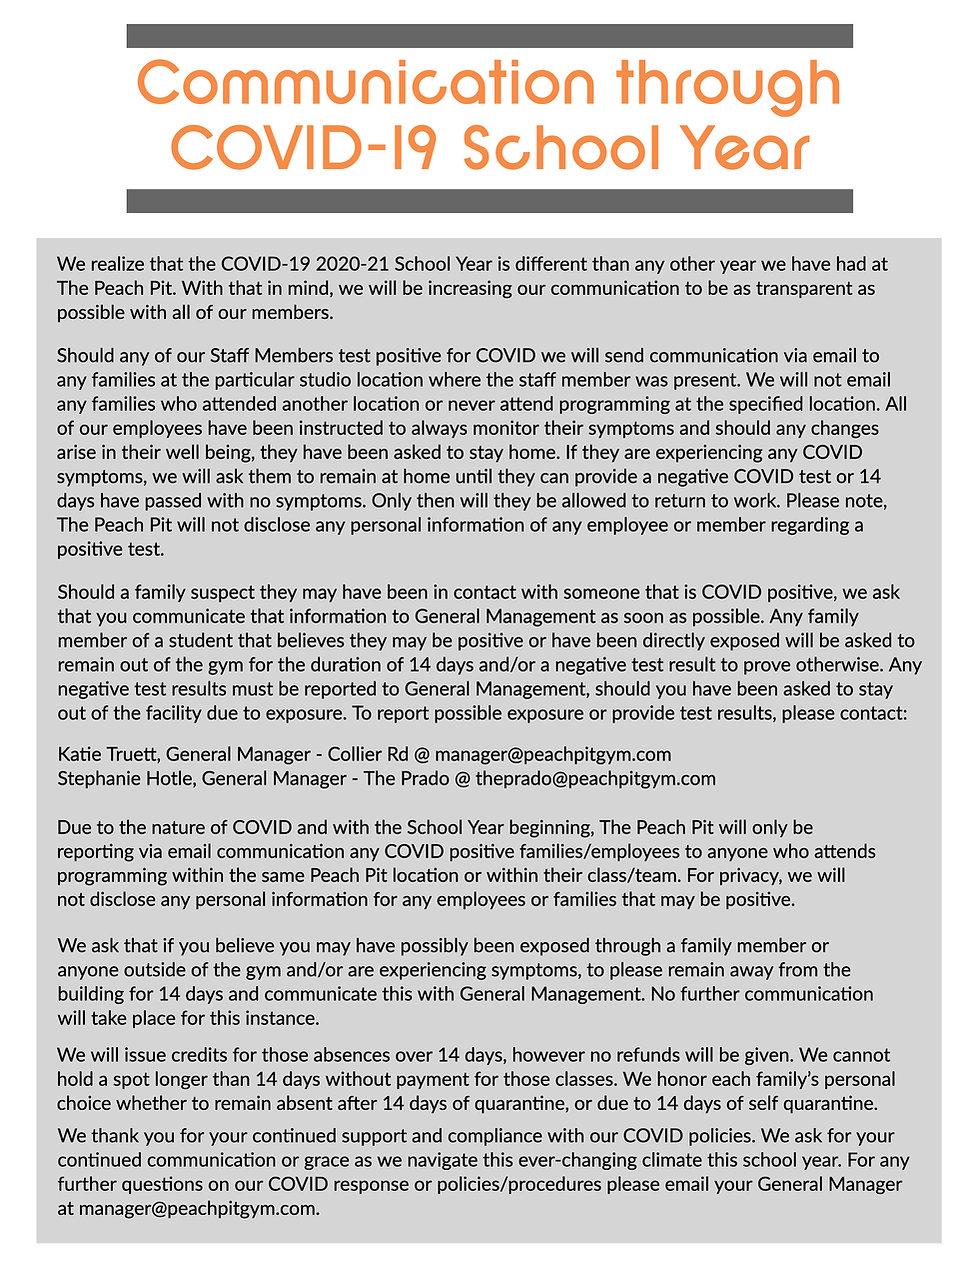 Cover Covid Copy 4 (1).jpg